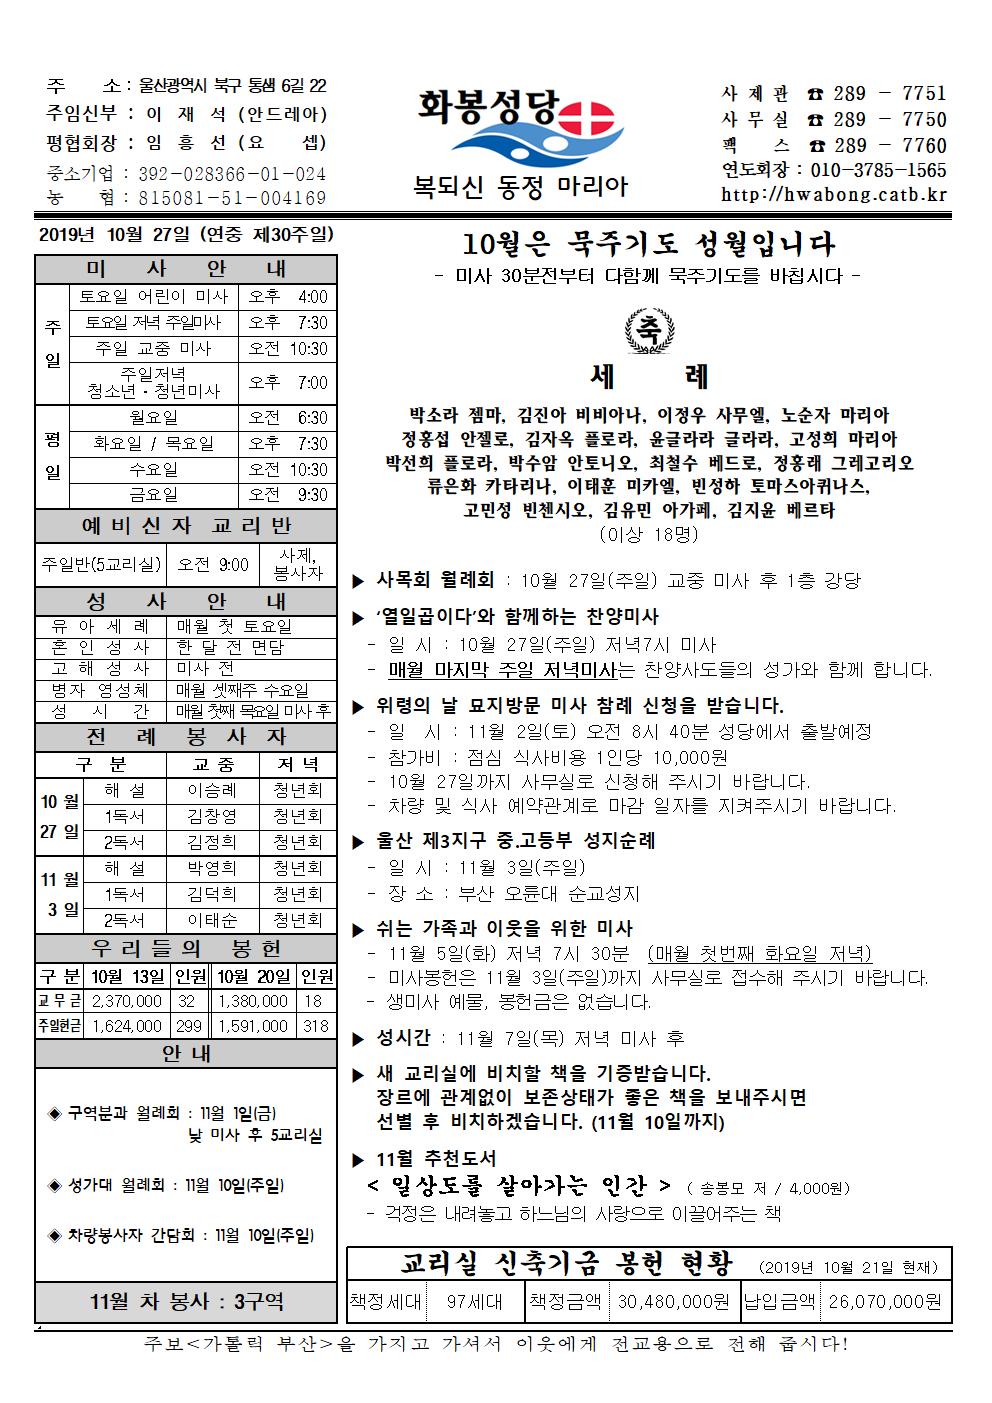 화봉성당20191027주보.png